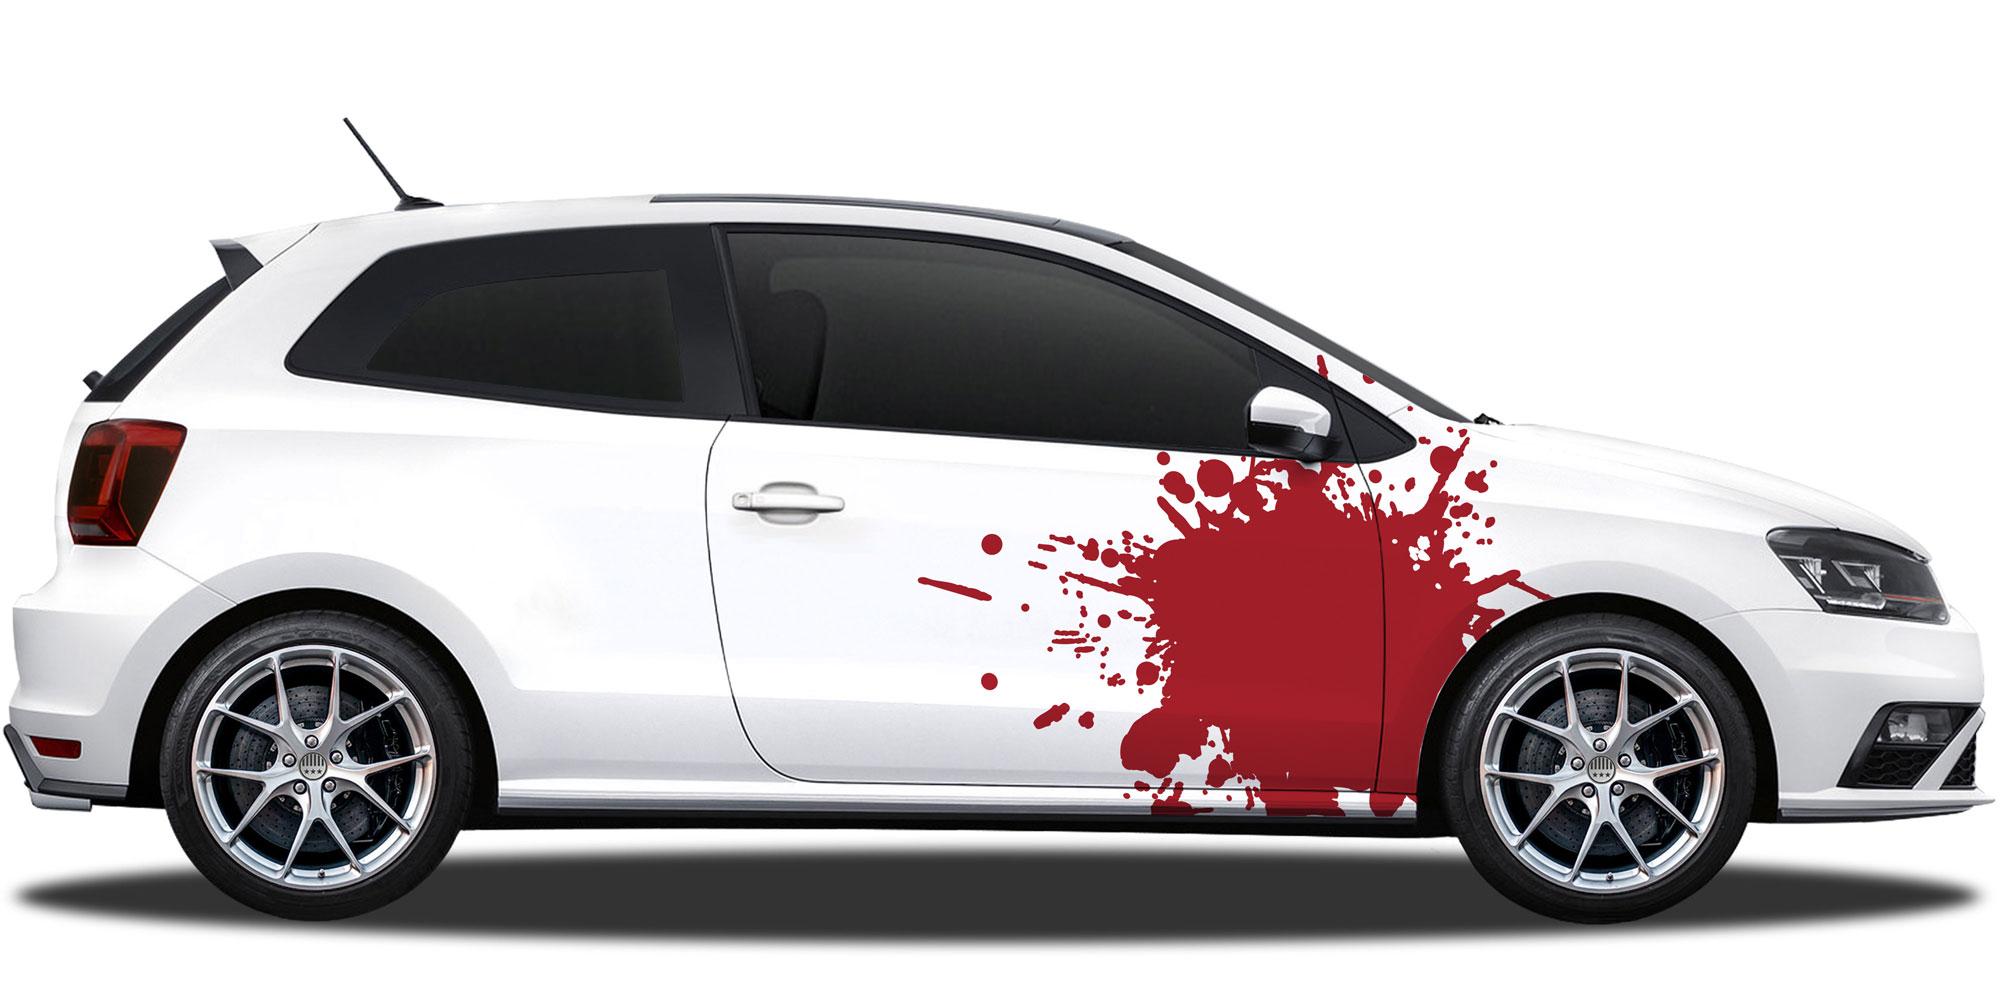 Auto Aufkleber Farbspritzer